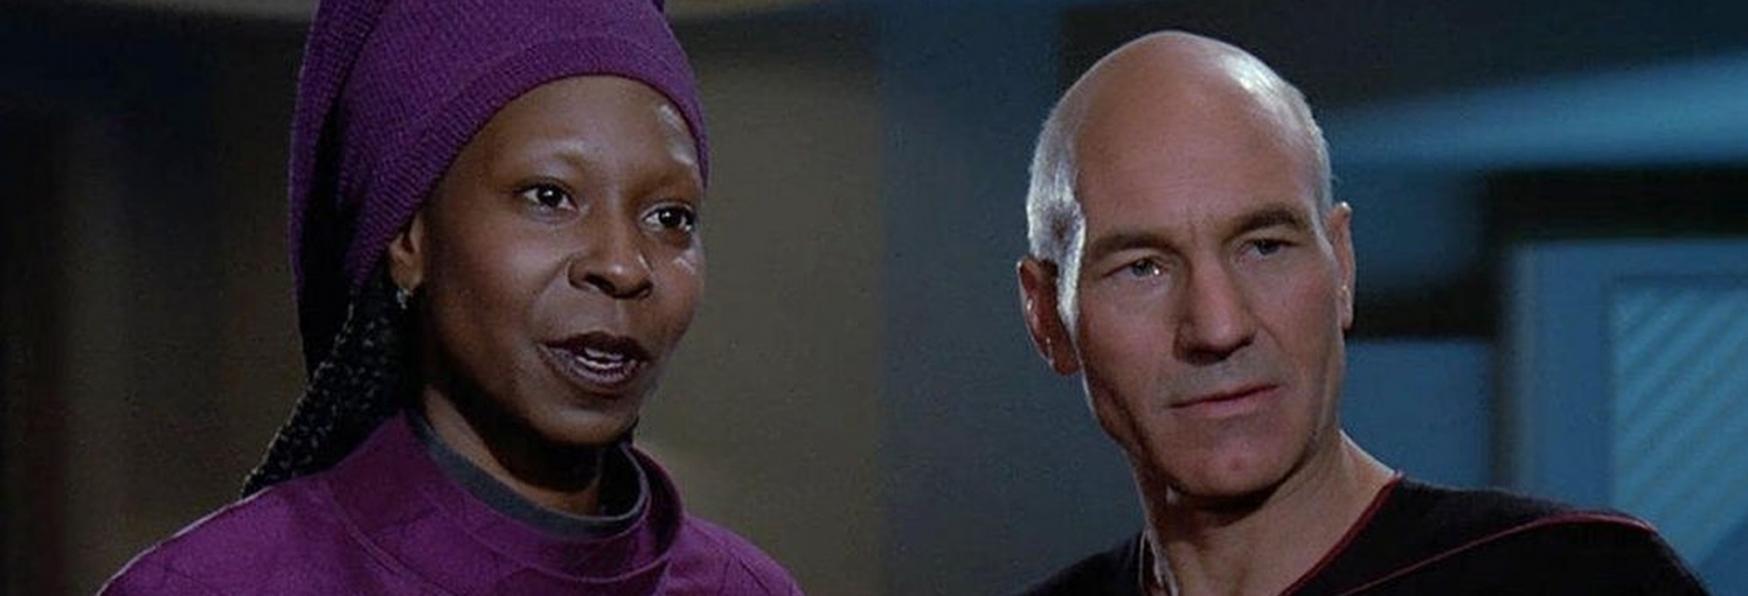 Star Trek: Picard 2 - Whoopi Goldberg tornerà nella nuova Stagione della Serie TV